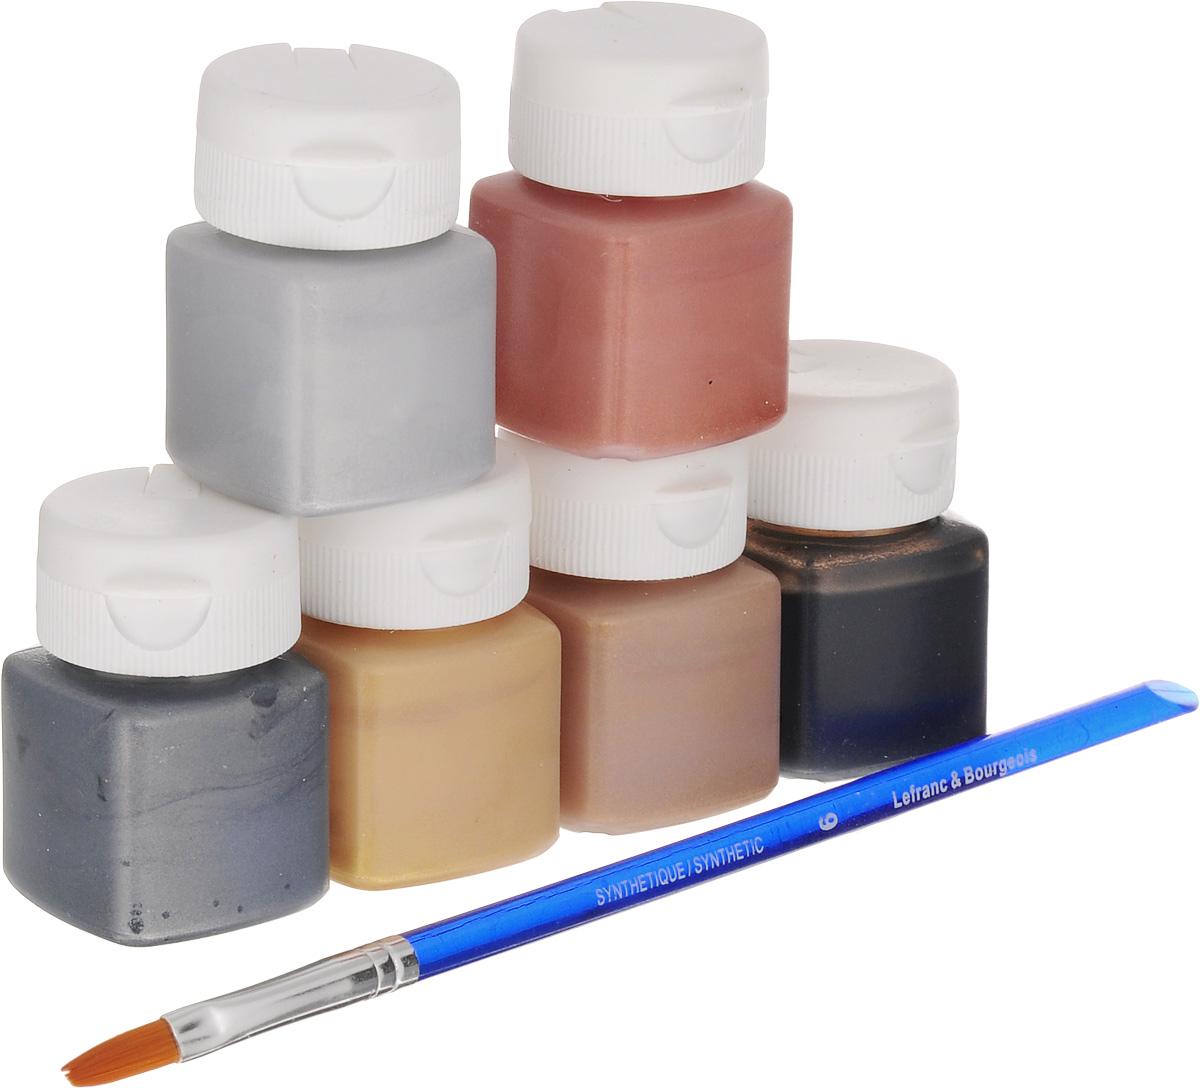 Набор акриловых красок Lefranc & Bourgeois Miss Deco Metallic, 7 предметовLF211638Набор Lefranc & Bourgeois Miss Deco Metallic включает 6 акриловых красок разных цветов (серебристый, золотистый, черный, медный, старое золото, оловянный) и кисть.Краски с эффектом блеска металла предназначены для художественных ремесел и хобби. Могут использоваться для окрашивания дерева, оштукатуренных поверхностей, бумаги, картона, металла, полистирола и других материалов. Достаточно нанести один слой.Объем краски: 20 мл.Количество красок: 6 шт.Длина кисти: 19 см.